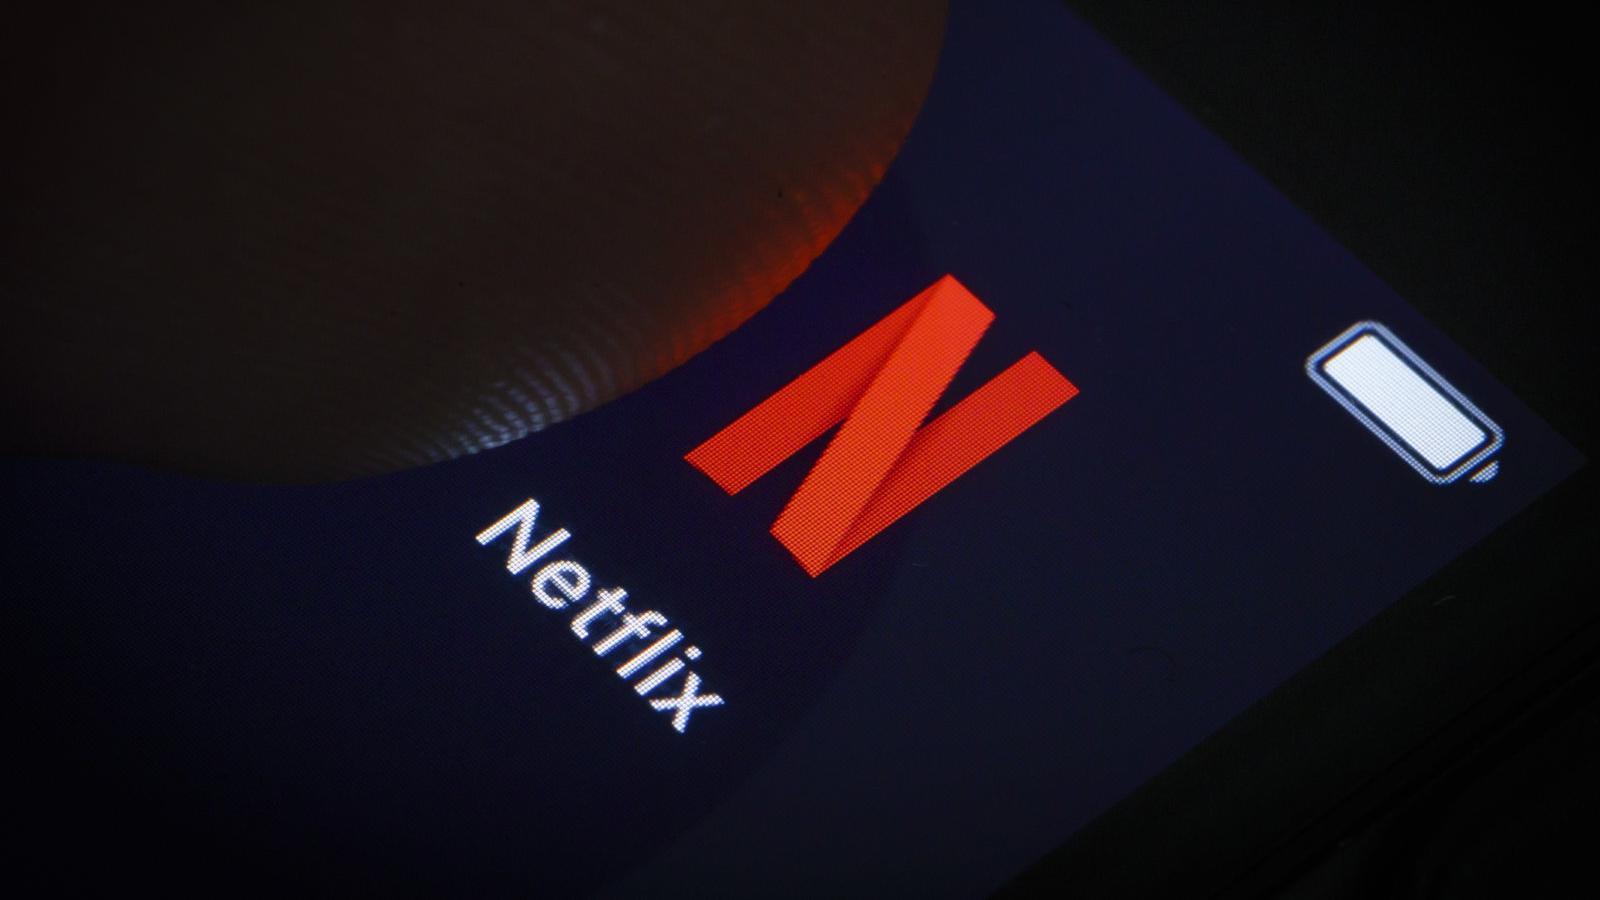 Come guadagnare con Netflix: trova il bug e verrai ricompensato thumbnail